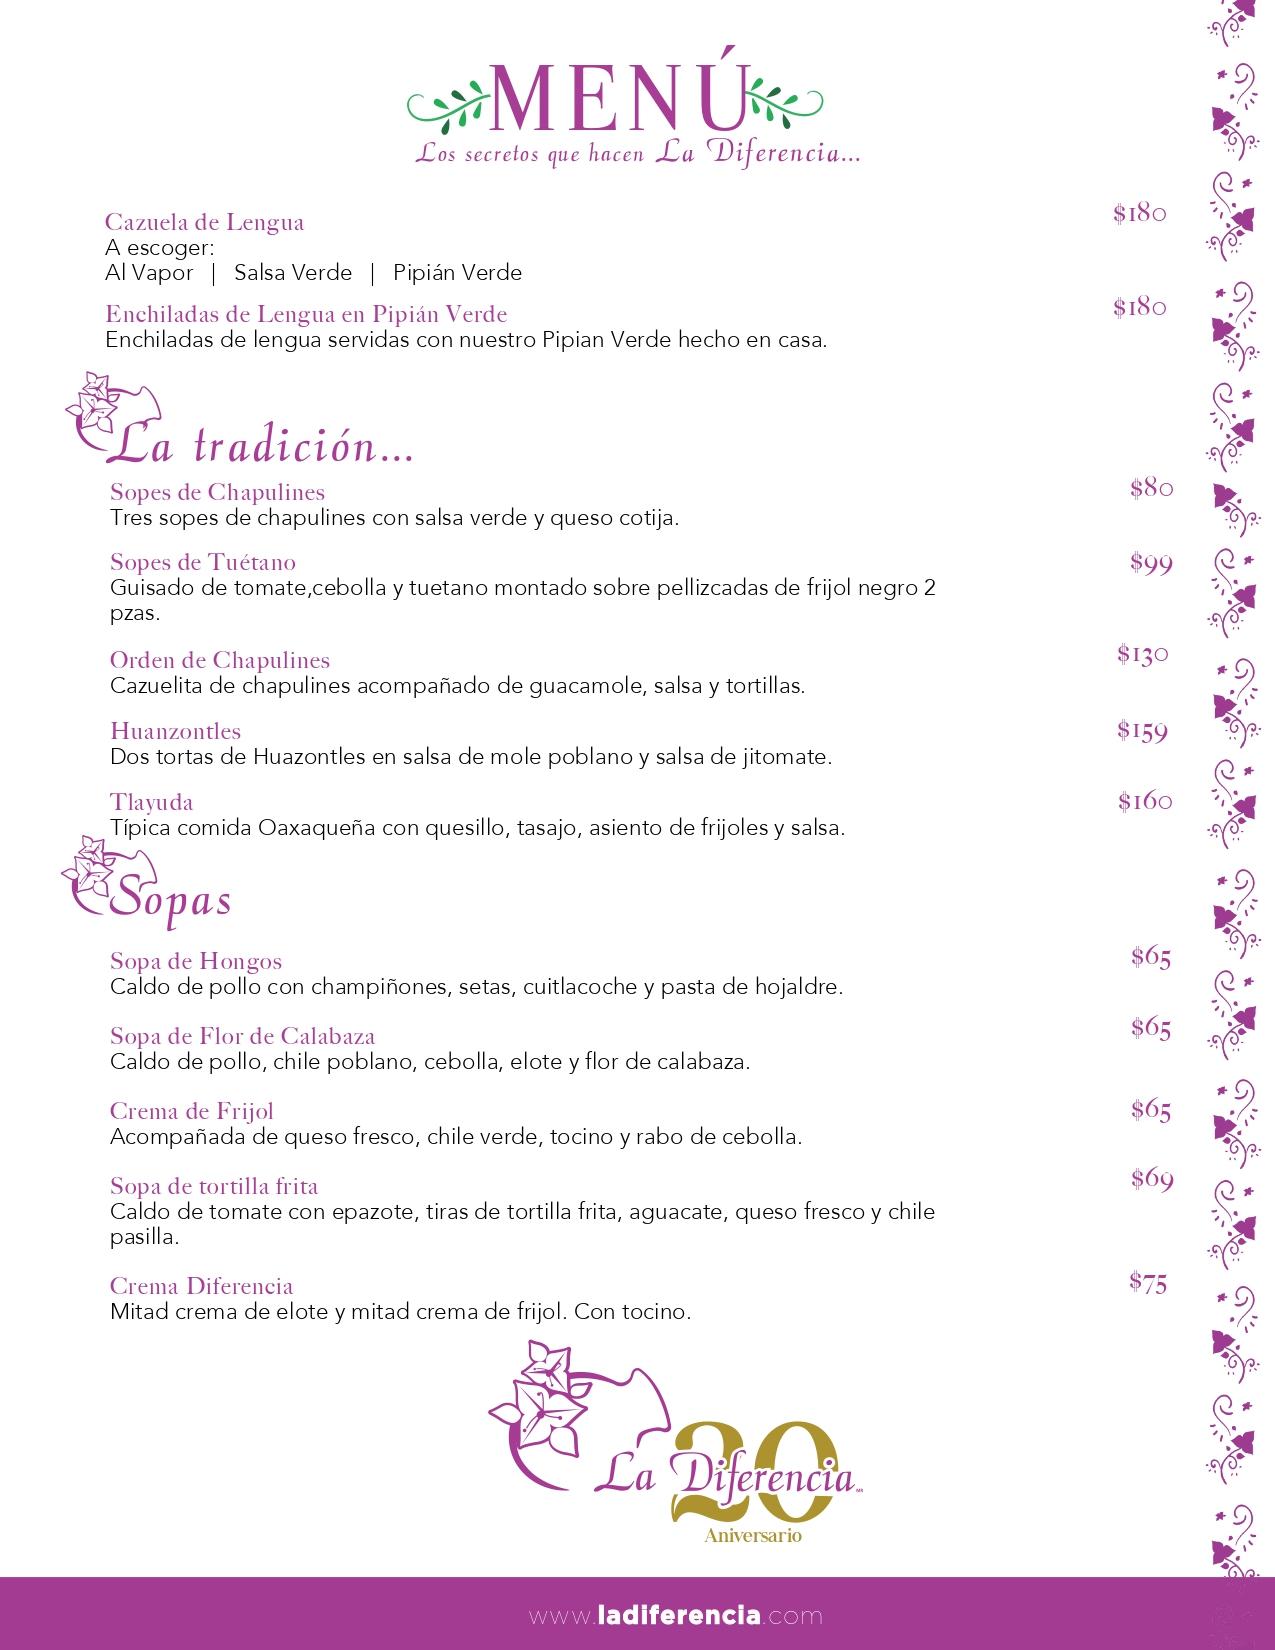 Menú-comida_La-Diferencia_2020_pages-to-jpg-0002